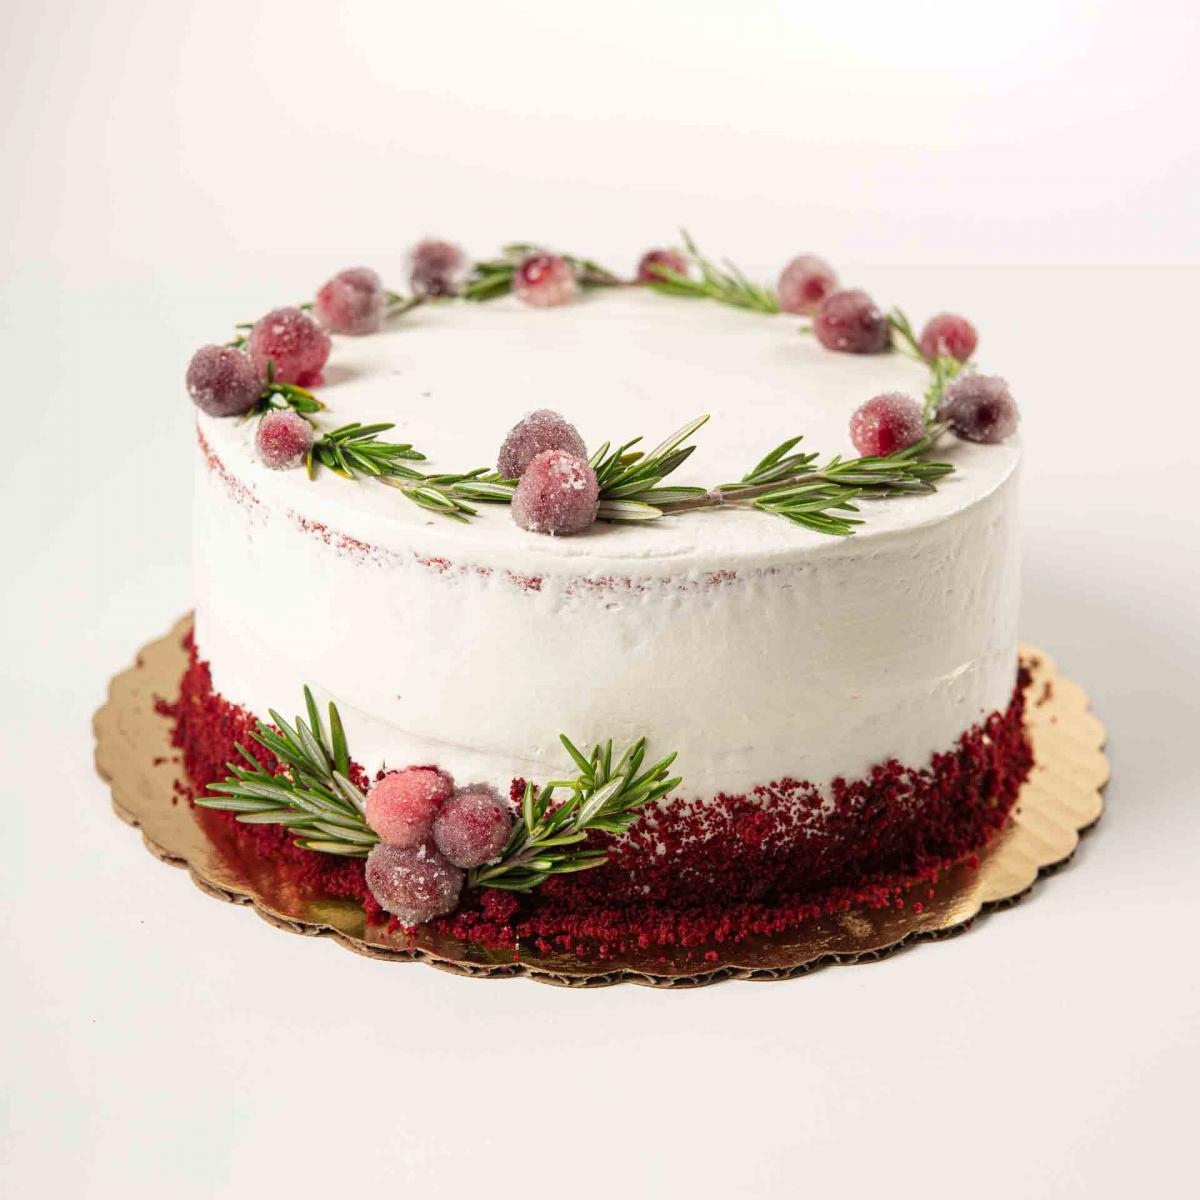 Festive Red Velvet Cake